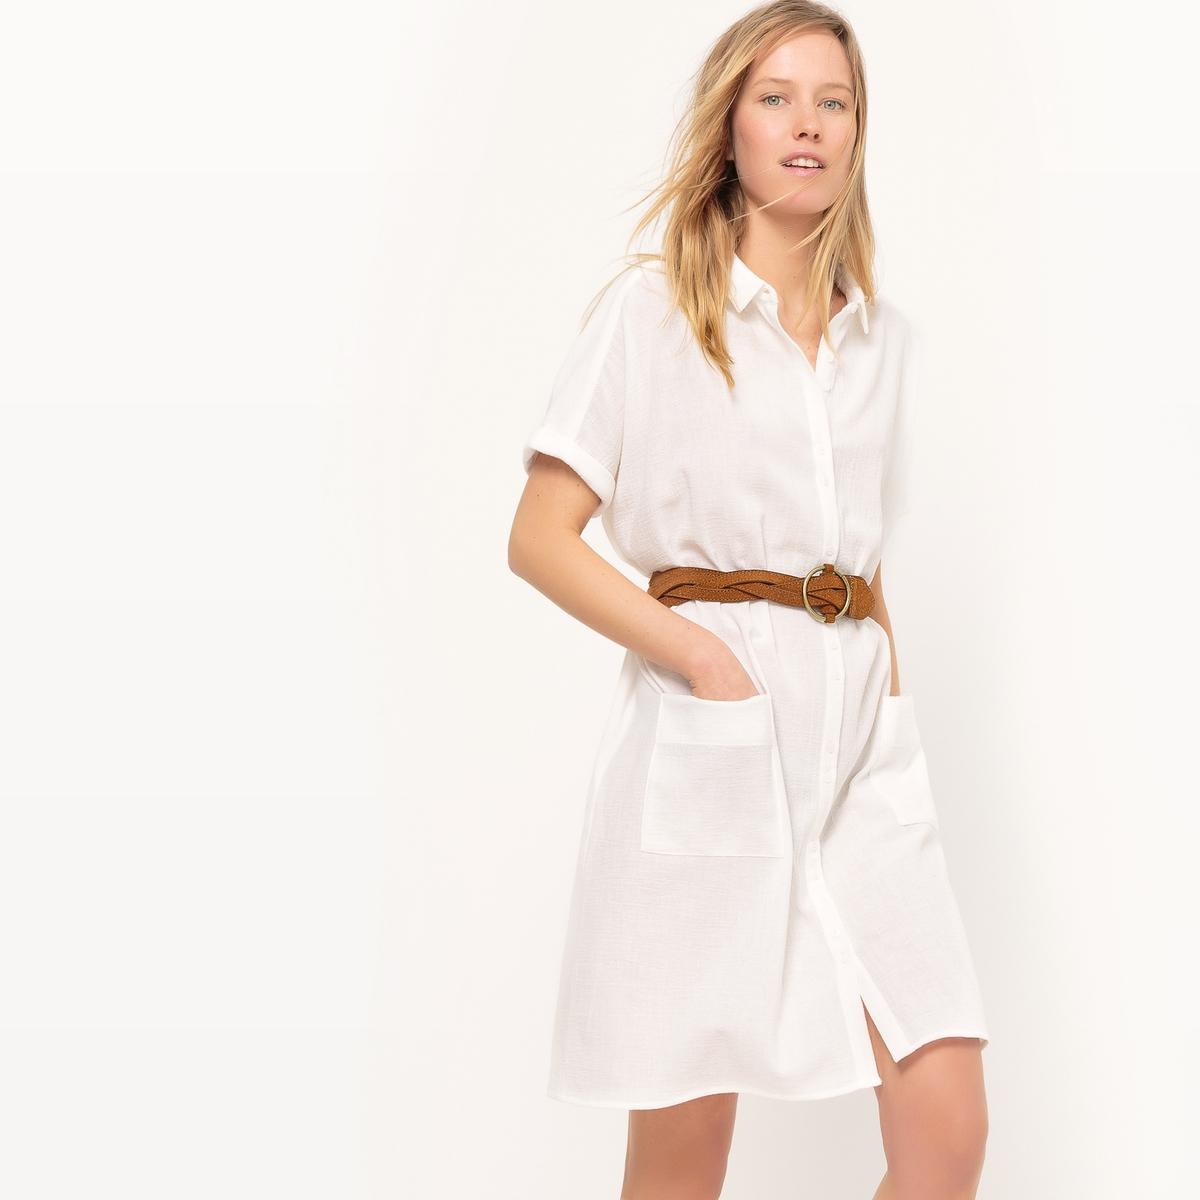 Платье с рубашечным воротником, длина до колен, однотонное